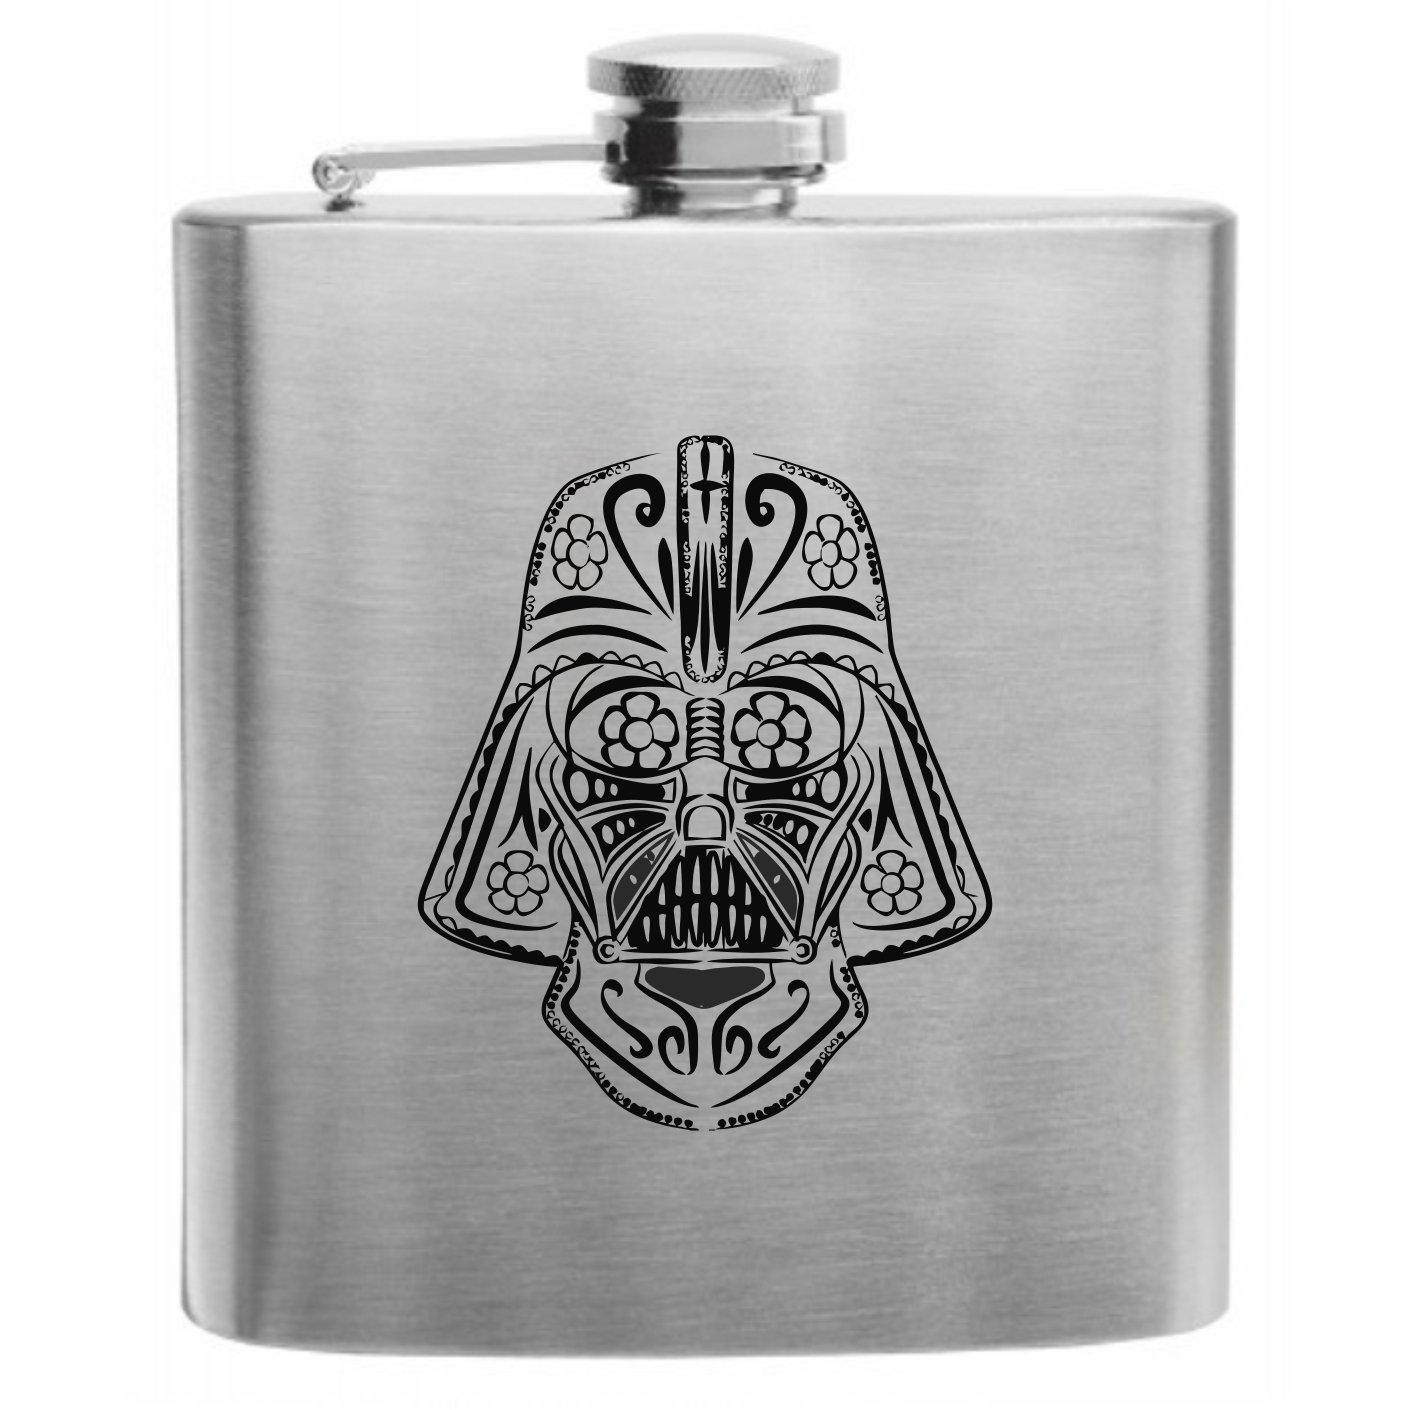 多様な Day of the Dead Darth Vader Dead Star Warsステンレススチールヒップフラスコ6ozギフト Darth Day B073XWYBYG, Luminous stick:7dcff9d2 --- a0267596.xsph.ru